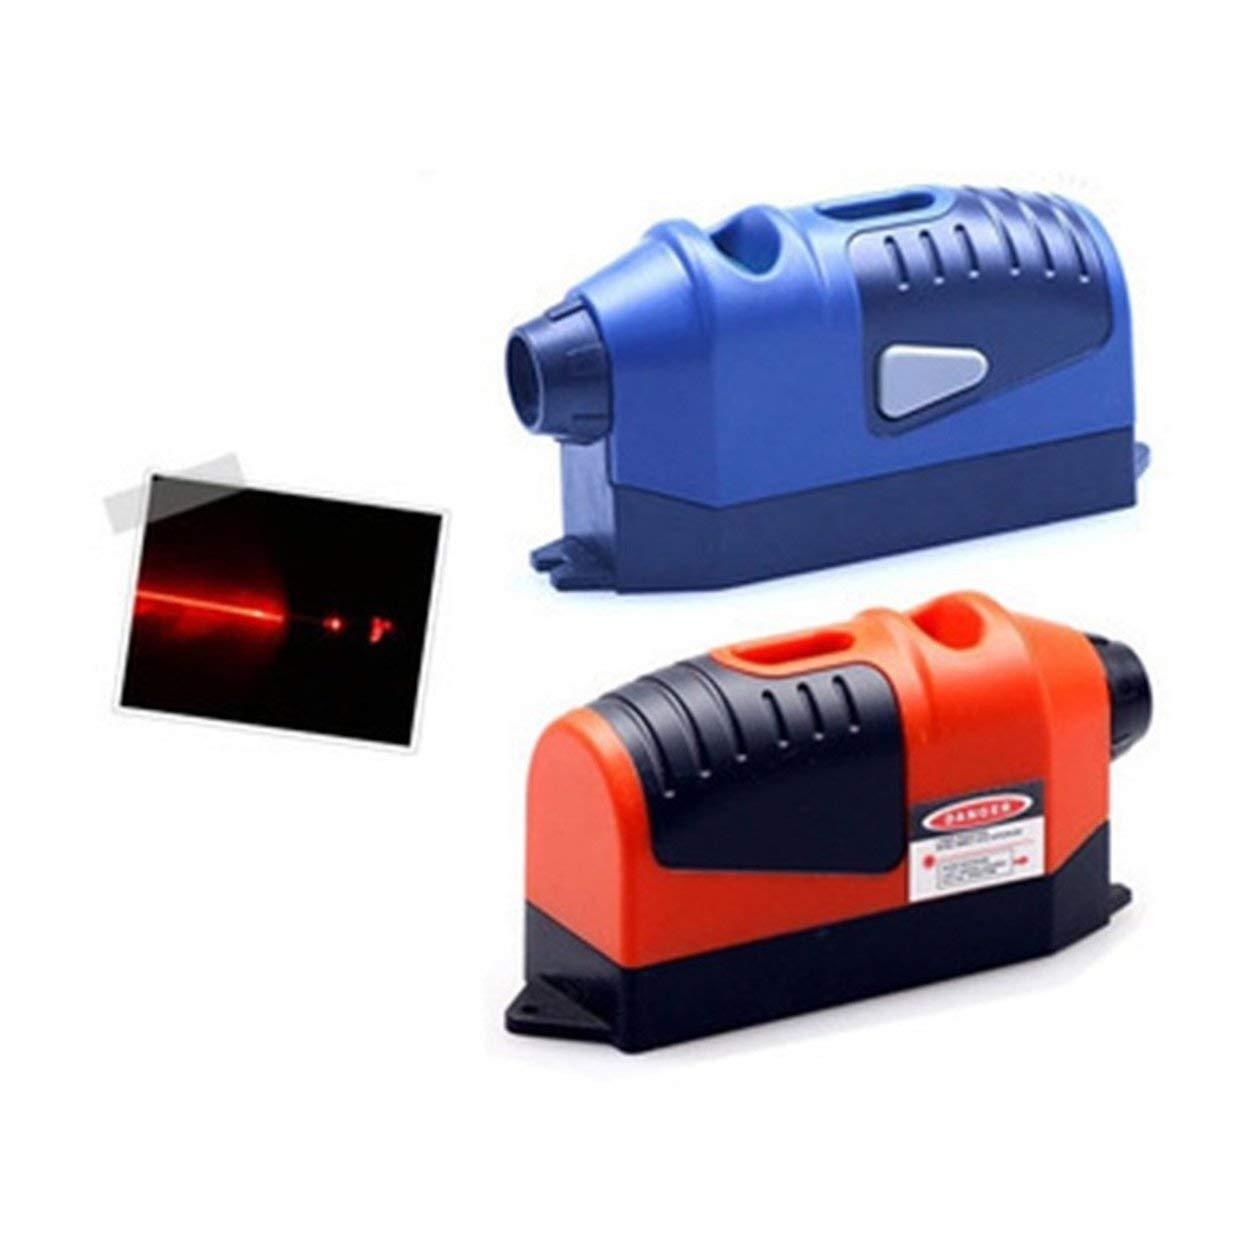 HONGIGI Universel Mini-mesureur de Niveau de Laser Infrarouge portatif Cross Line Tape Laser 2.5 Metres Outils de Mesure Couleur: Livraison al/éatoire